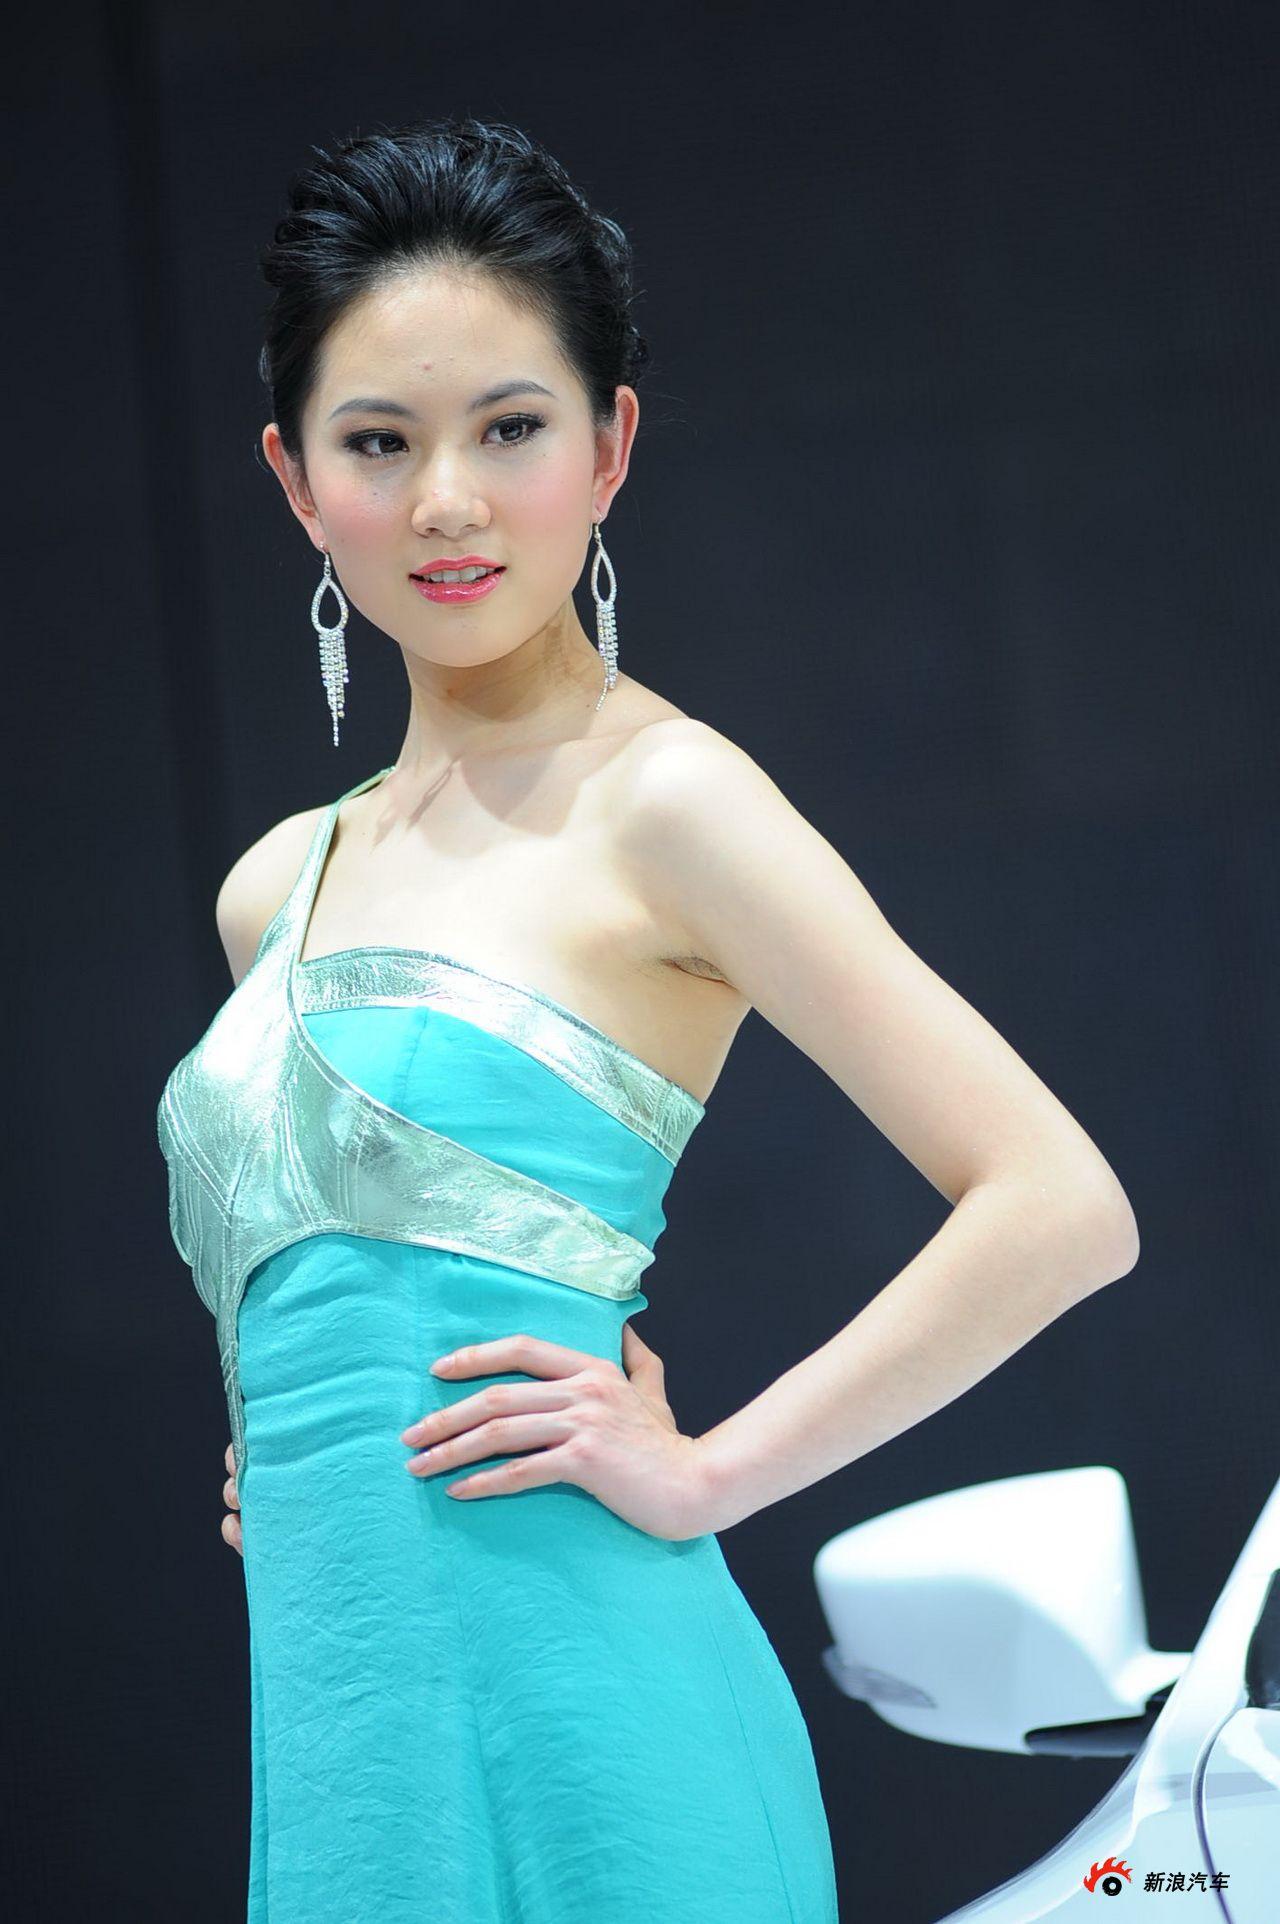 广汽展台4号模特